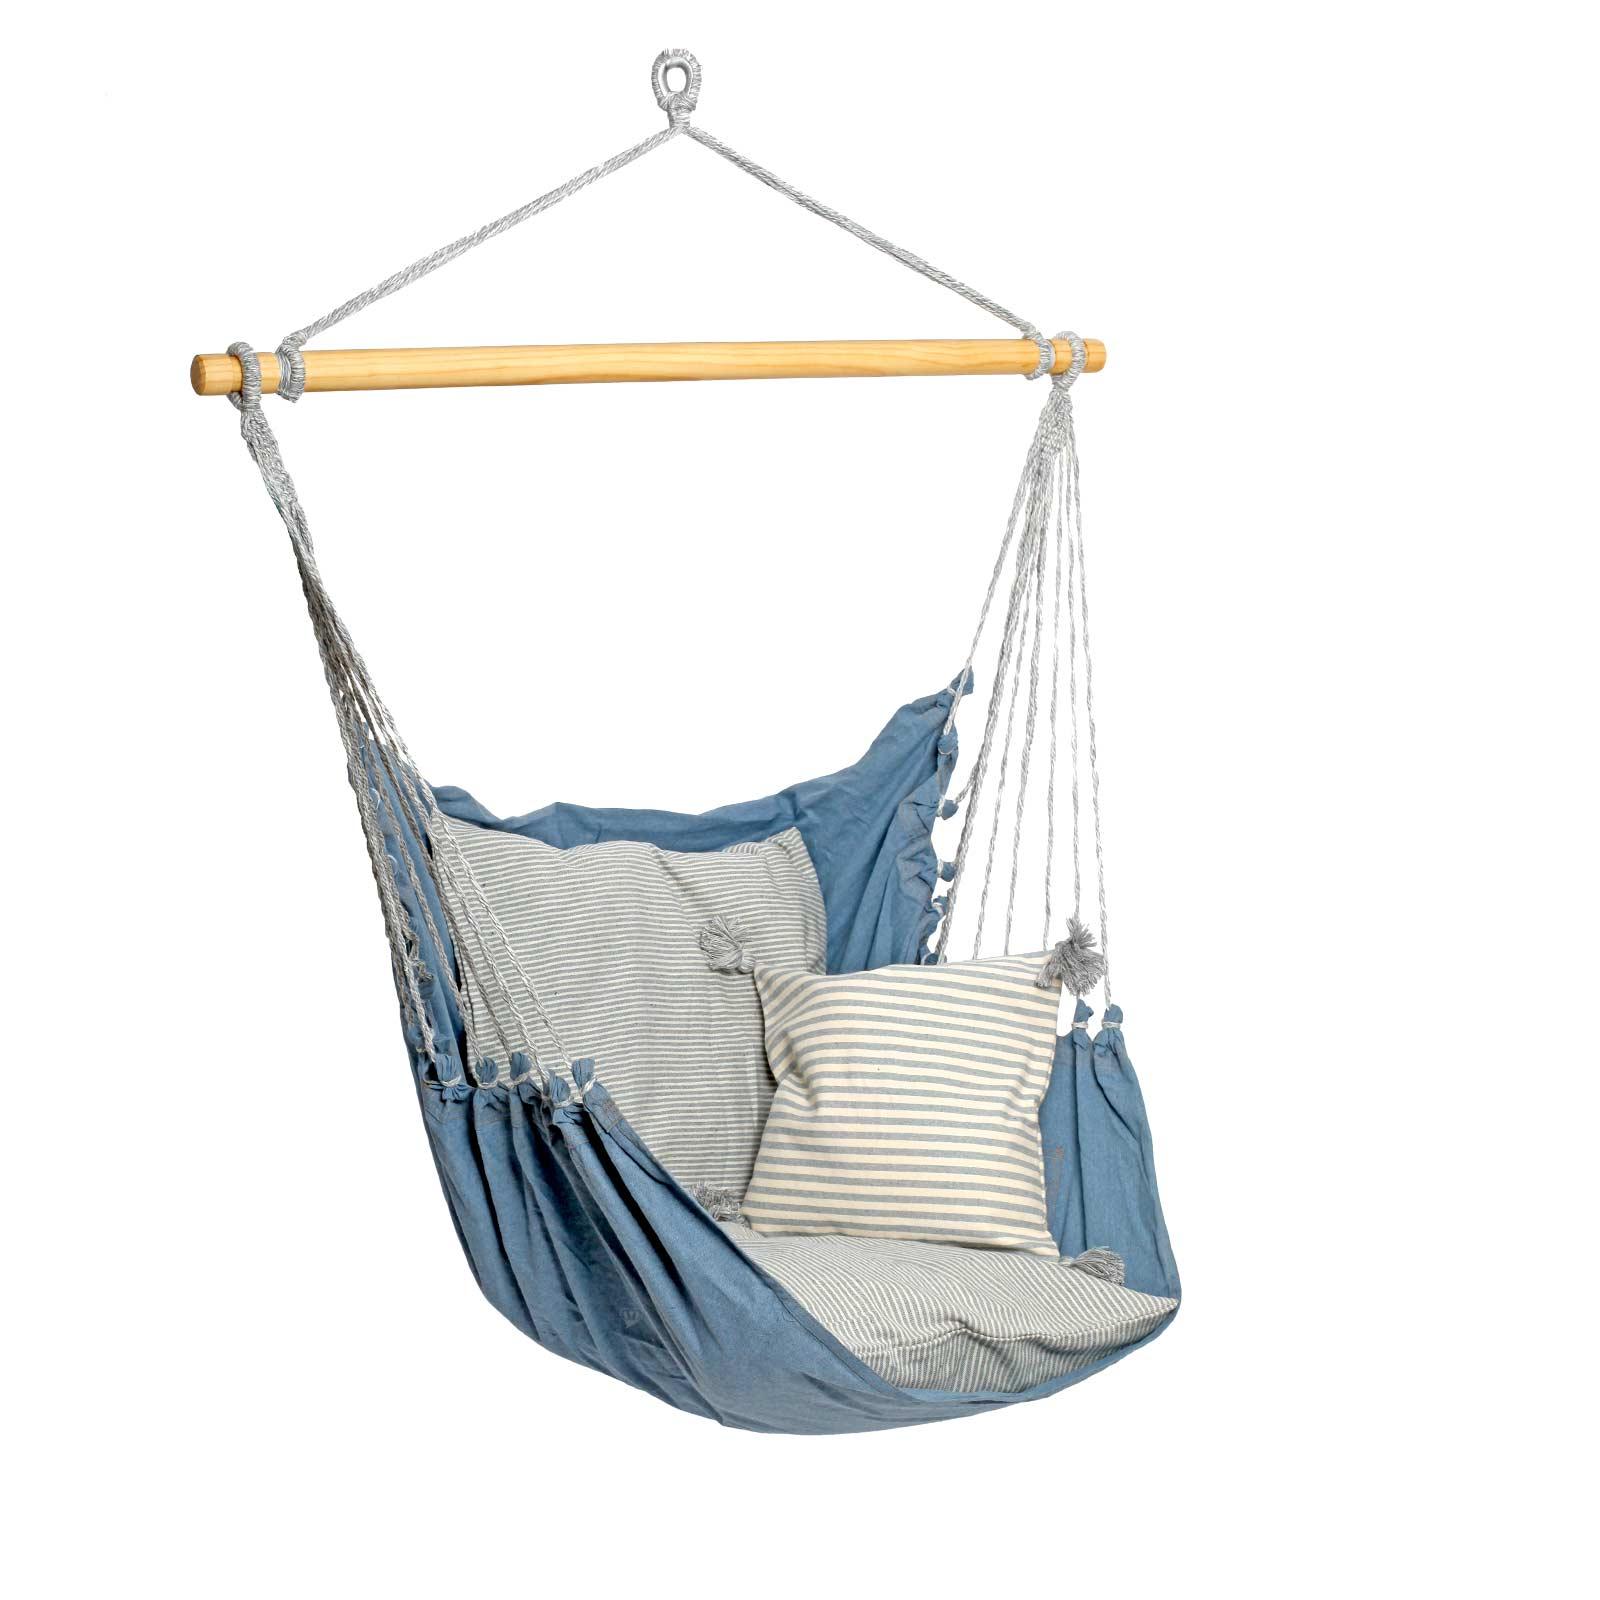 h ngesessel relax xl streifendesign baumwolle ohne kissen farbe jeans wohnen leben garten. Black Bedroom Furniture Sets. Home Design Ideas